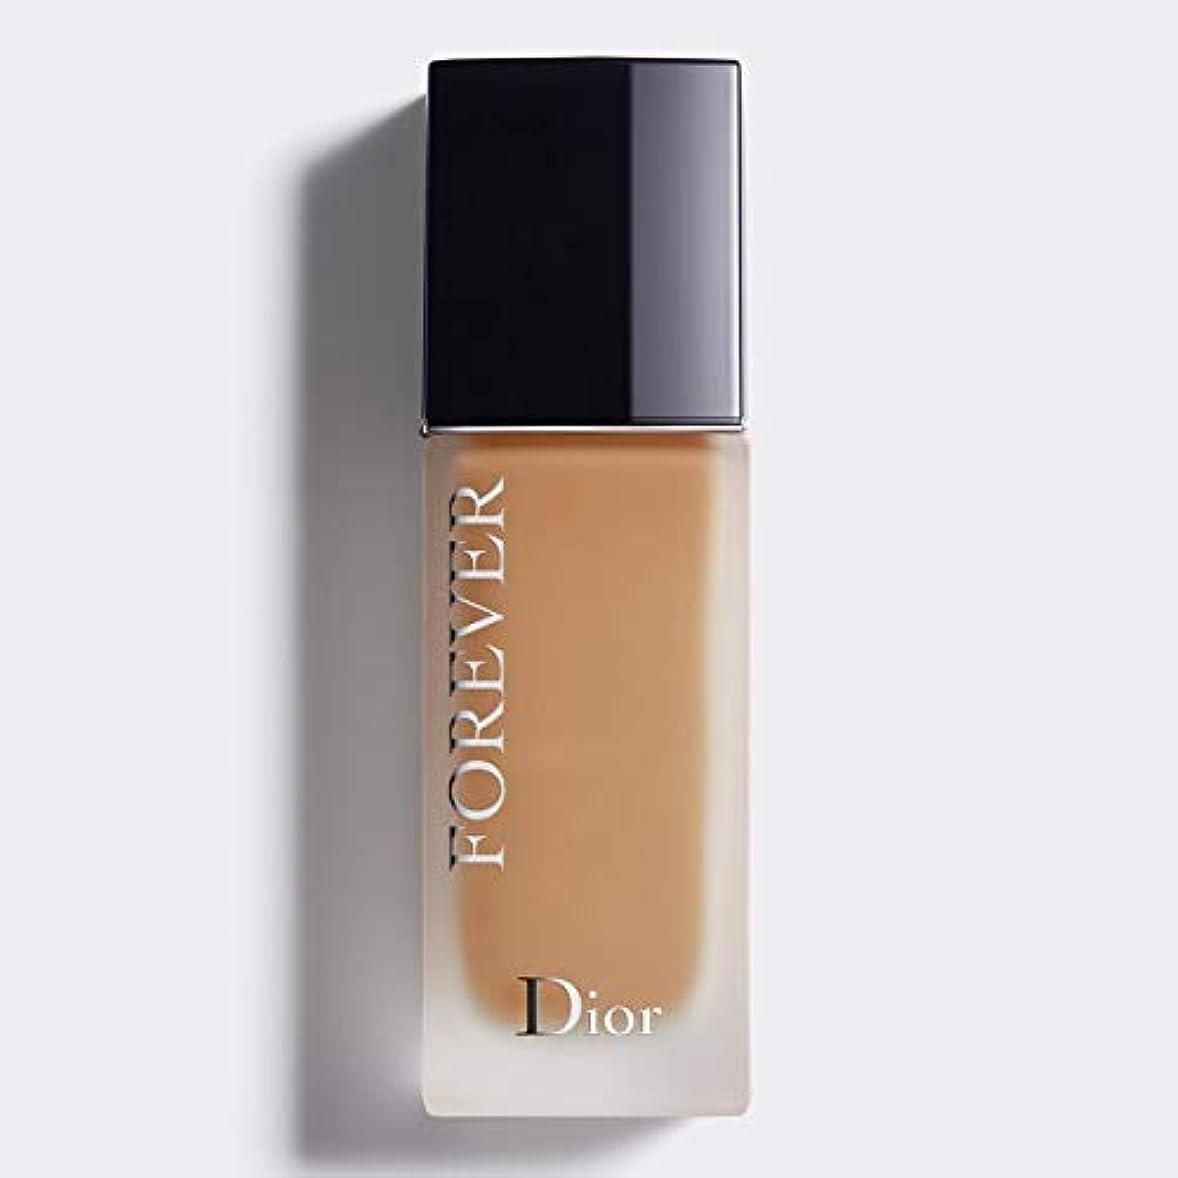 コントラストボンド舌なクリスチャンディオール Dior Forever 24H Wear High Perfection Foundation SPF 35 - # 4W (Warm) 30ml/1oz並行輸入品